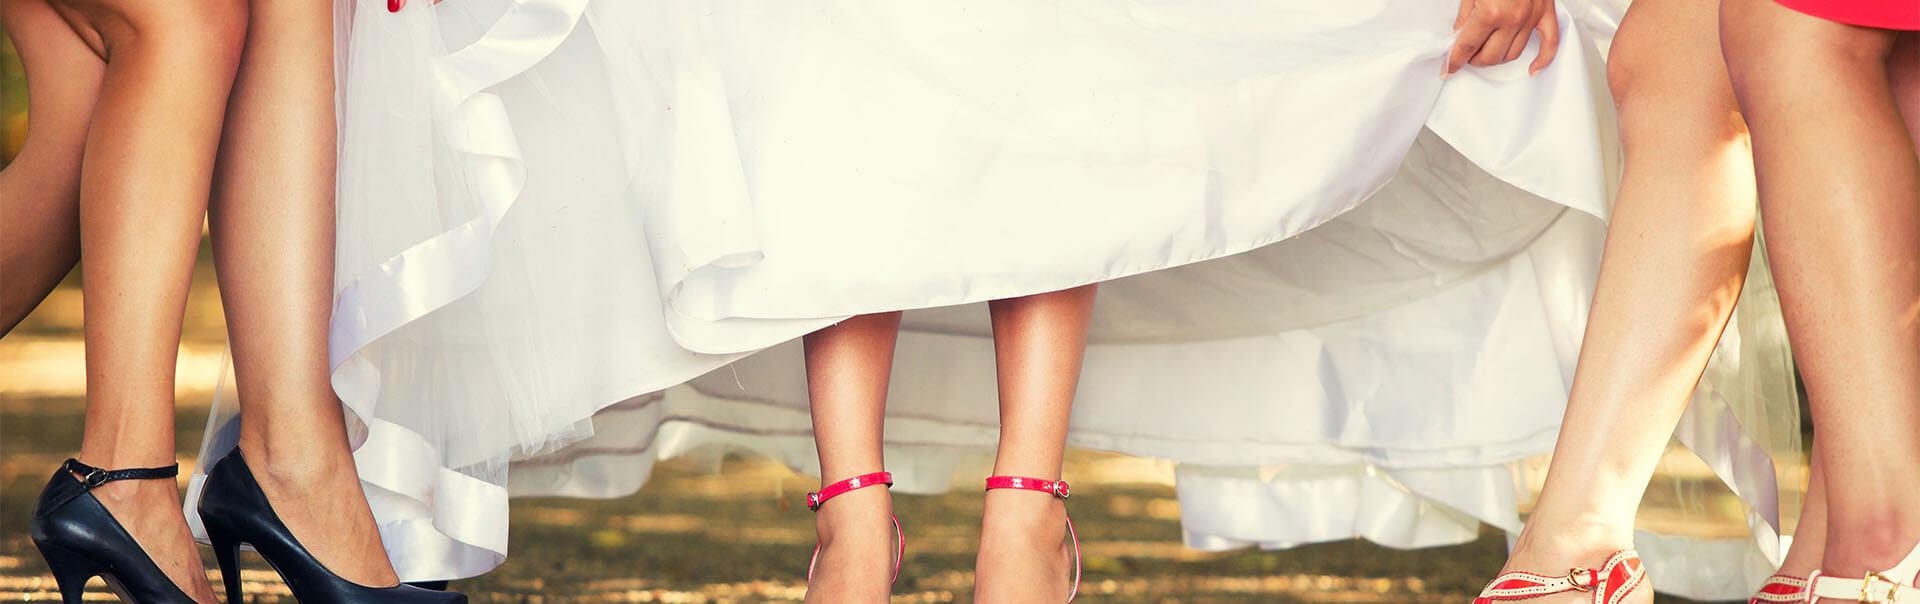 בנות עוזרות לכלה להרים את השמלה